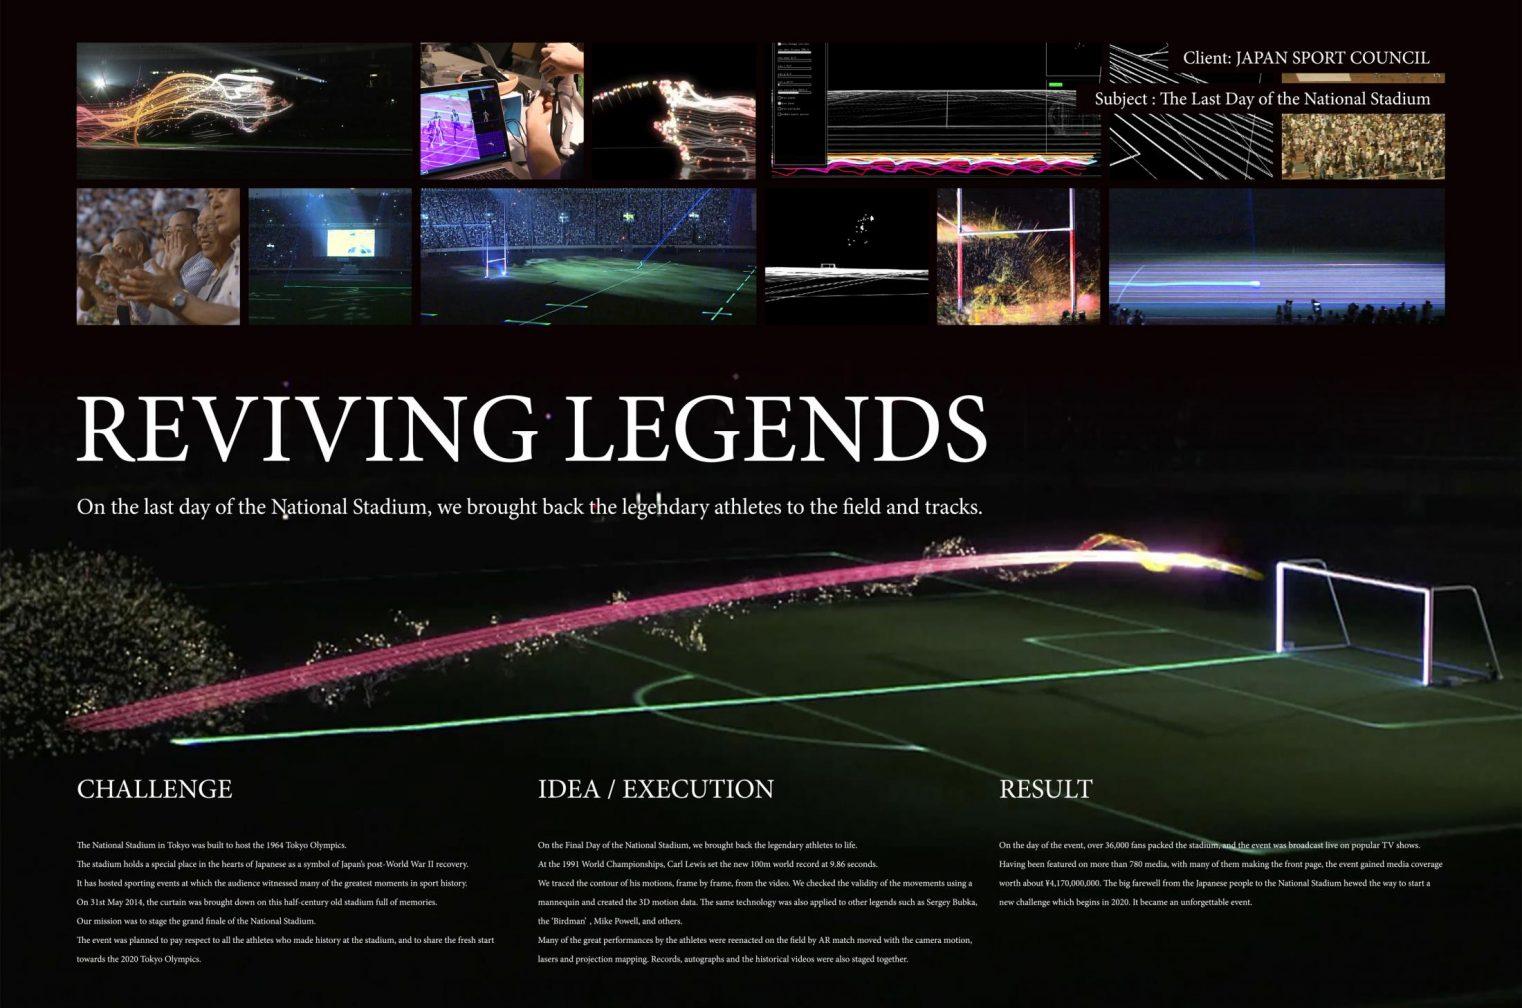 国際的に高評価 国立競技場のヒストリー動画「Reviving Legends」